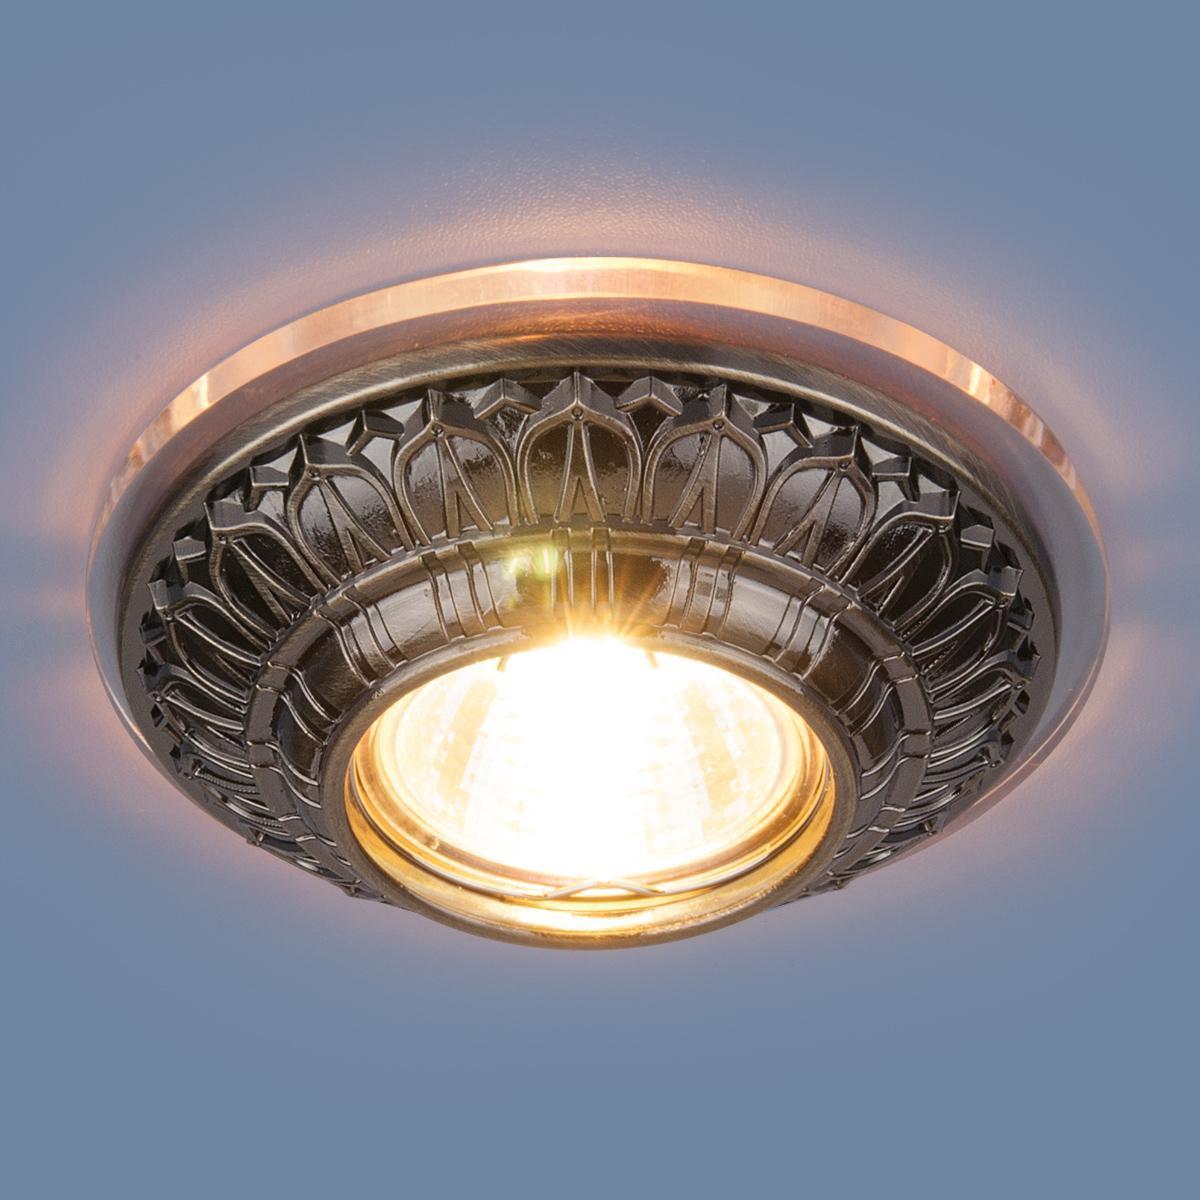 Фото - Встраиваемый светильник Elektrostandard 6024 MR16 SB бронза 4690389056635 cветильник галогенный de fran встраиваемый 1х50вт mr16 ip20 зел античное золото